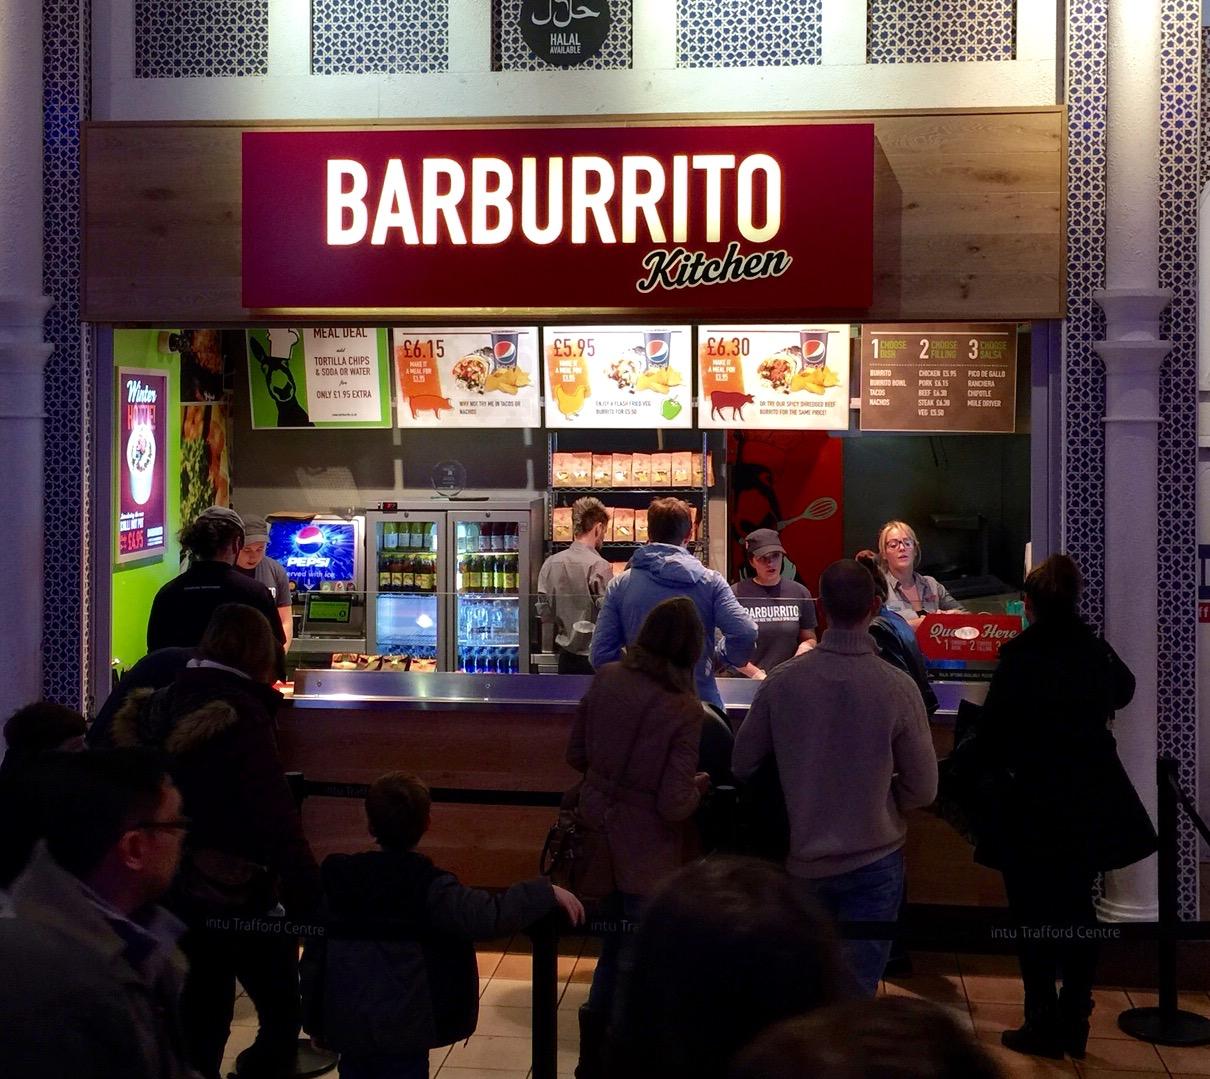 Barburrito Kitchen 7/10